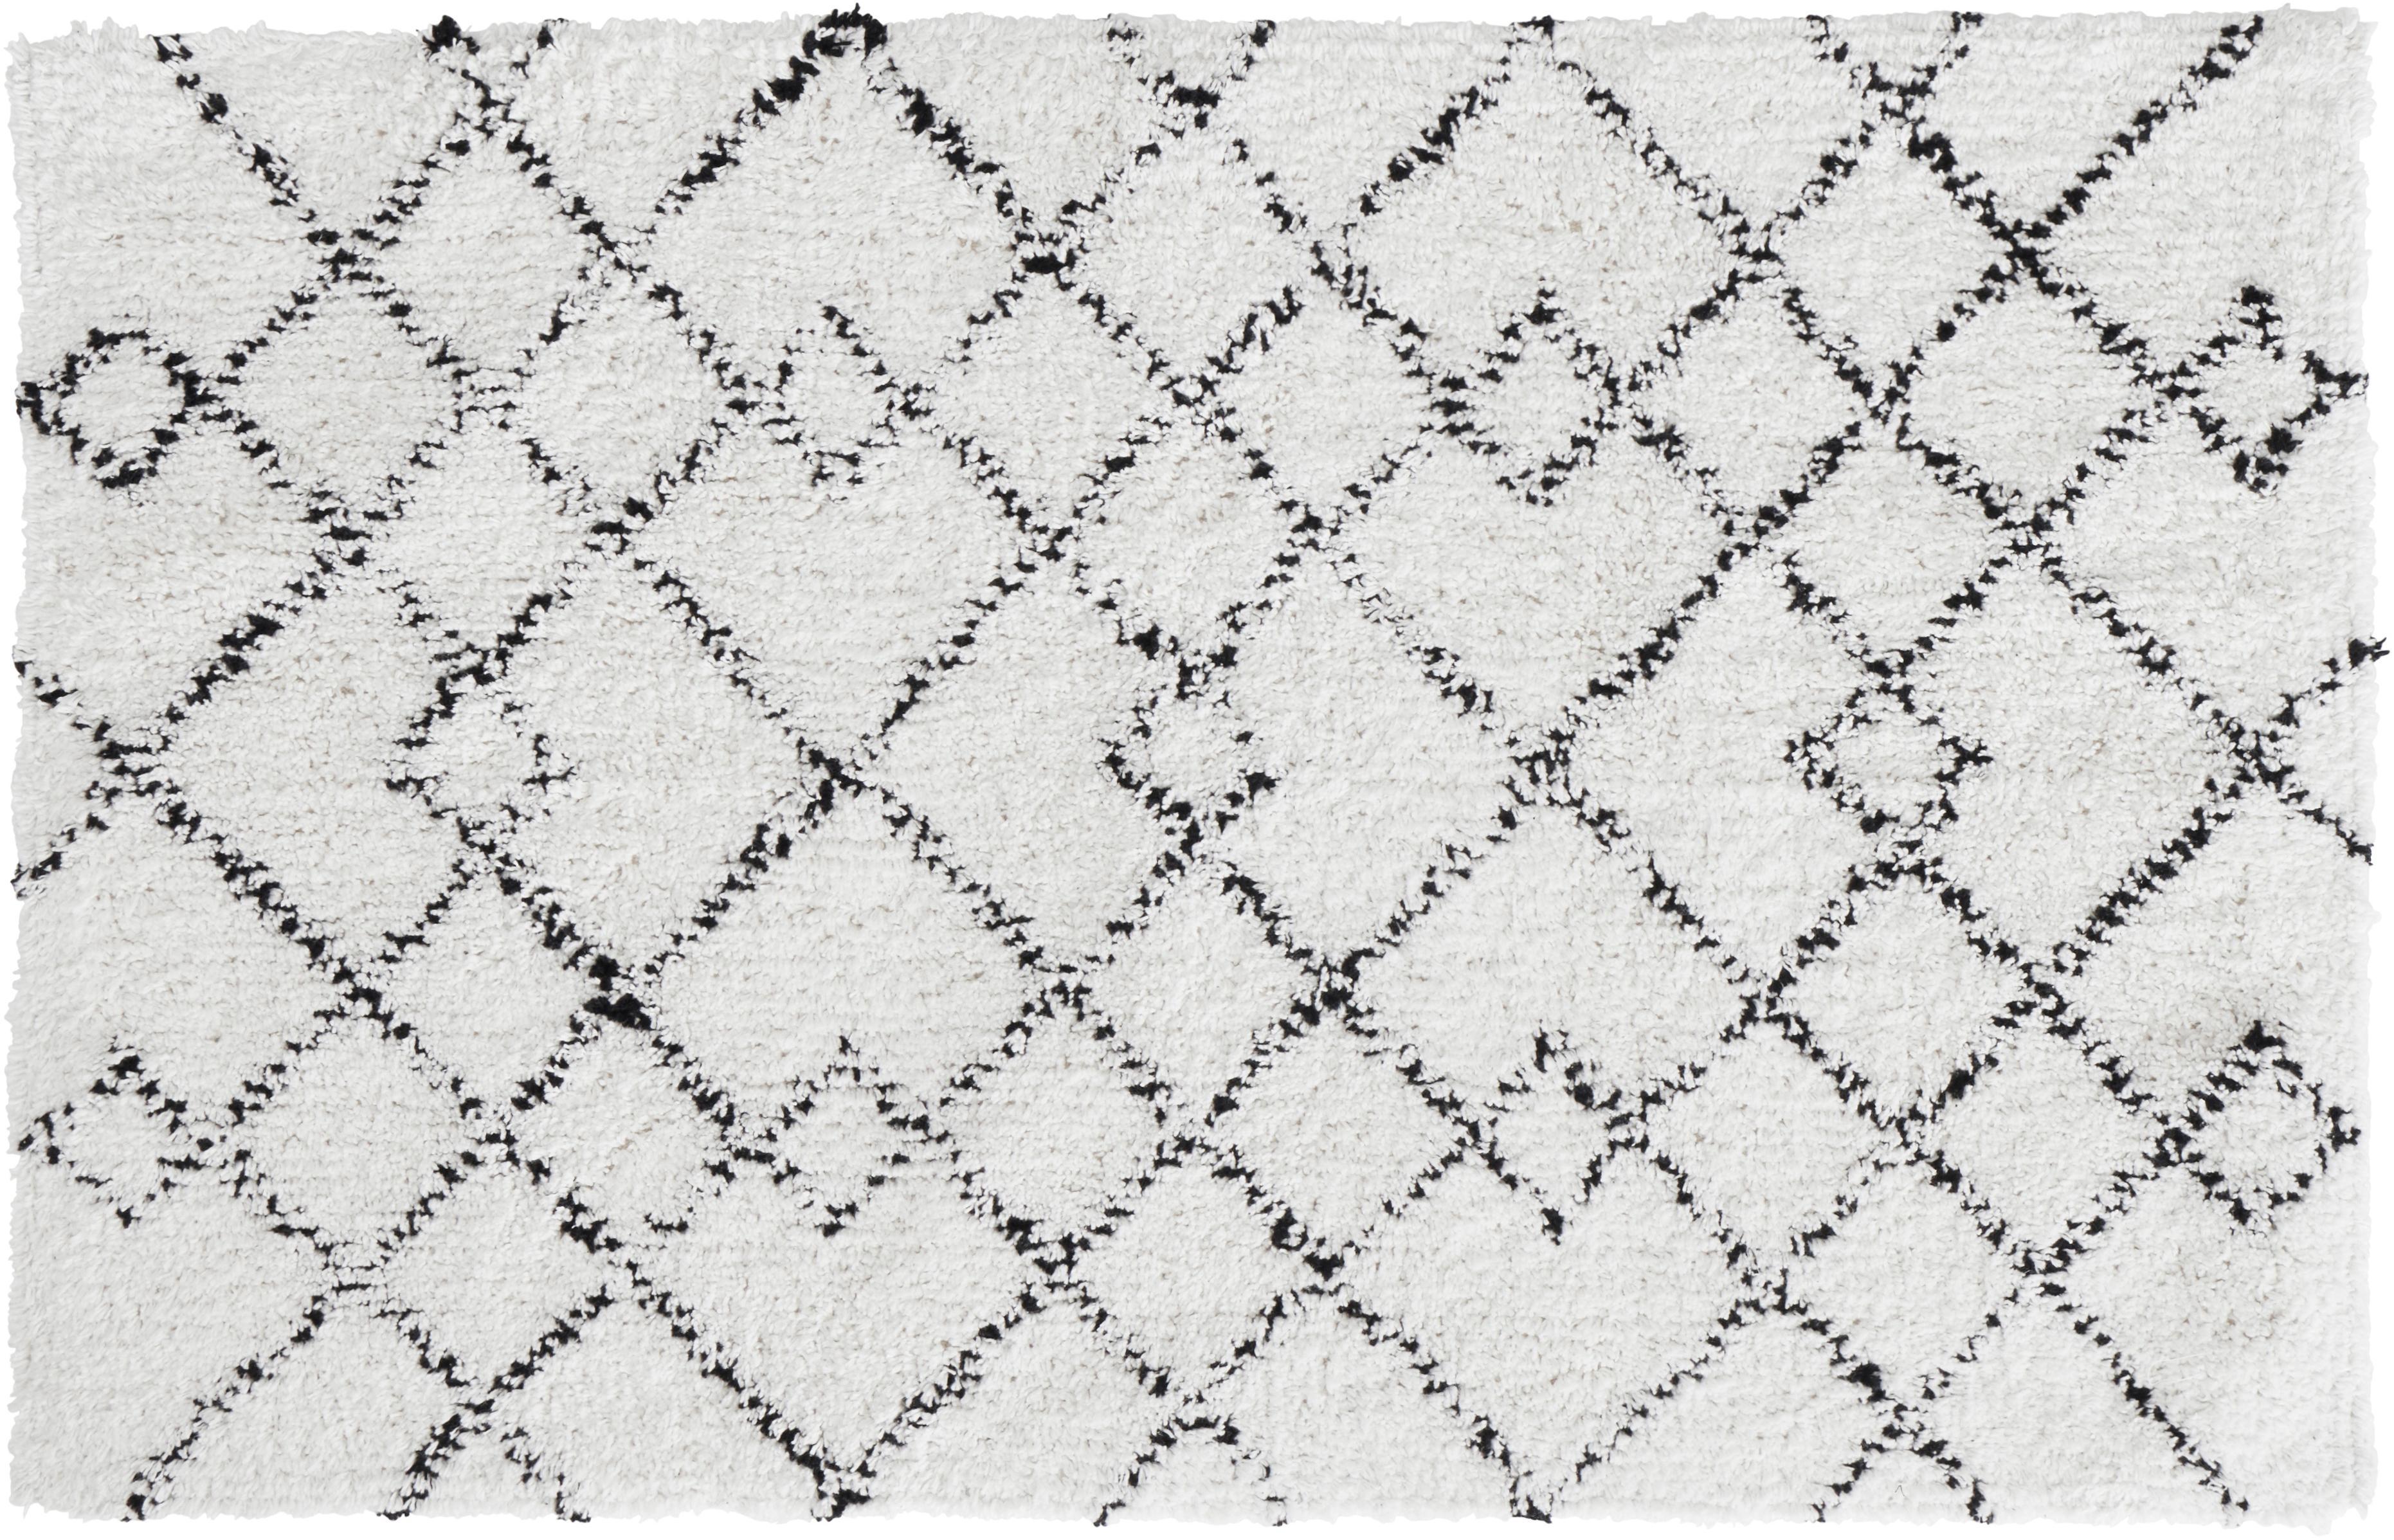 Badvorleger Paola in Schwarz/Weiß, 100% Baumwolle, Weiß, Schwarz, 50 x 80 cm